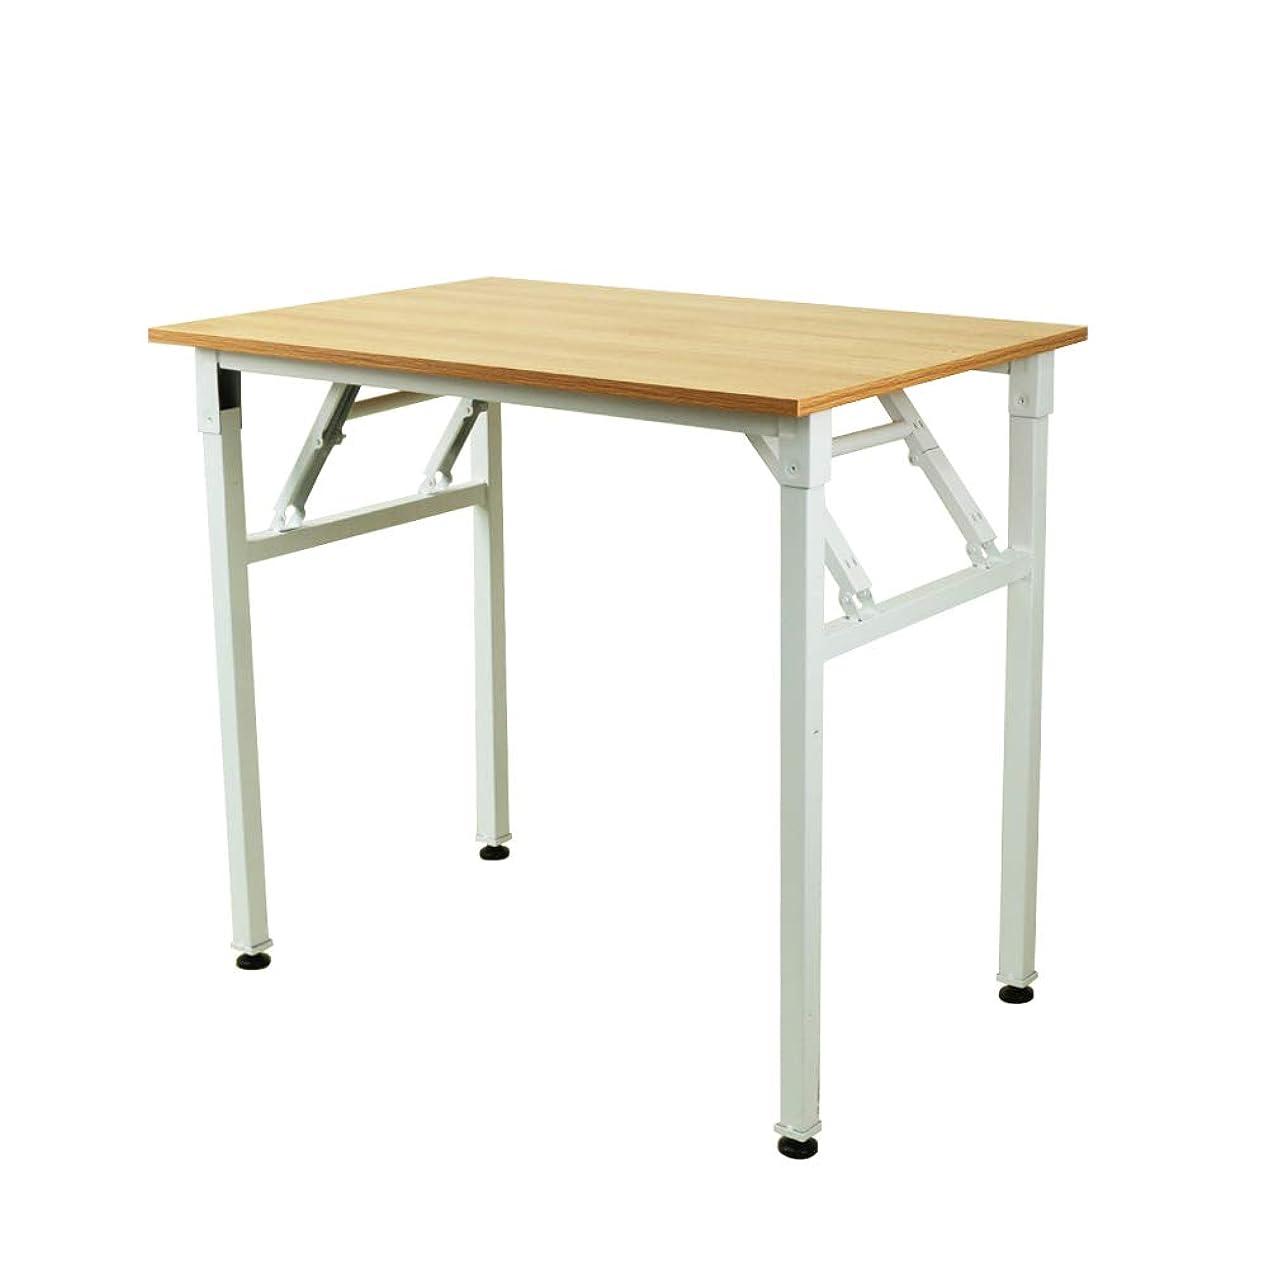 危険かけがえのない社会折りたたみデスク 机 ベーシックテーブル 組み立て不要 パソコンデスク ダイニングテーブル 幅80cm×奥行56cm×高さ73.5cm コンパクト リビングテーブル RS-PDK50 (ナチュラル)